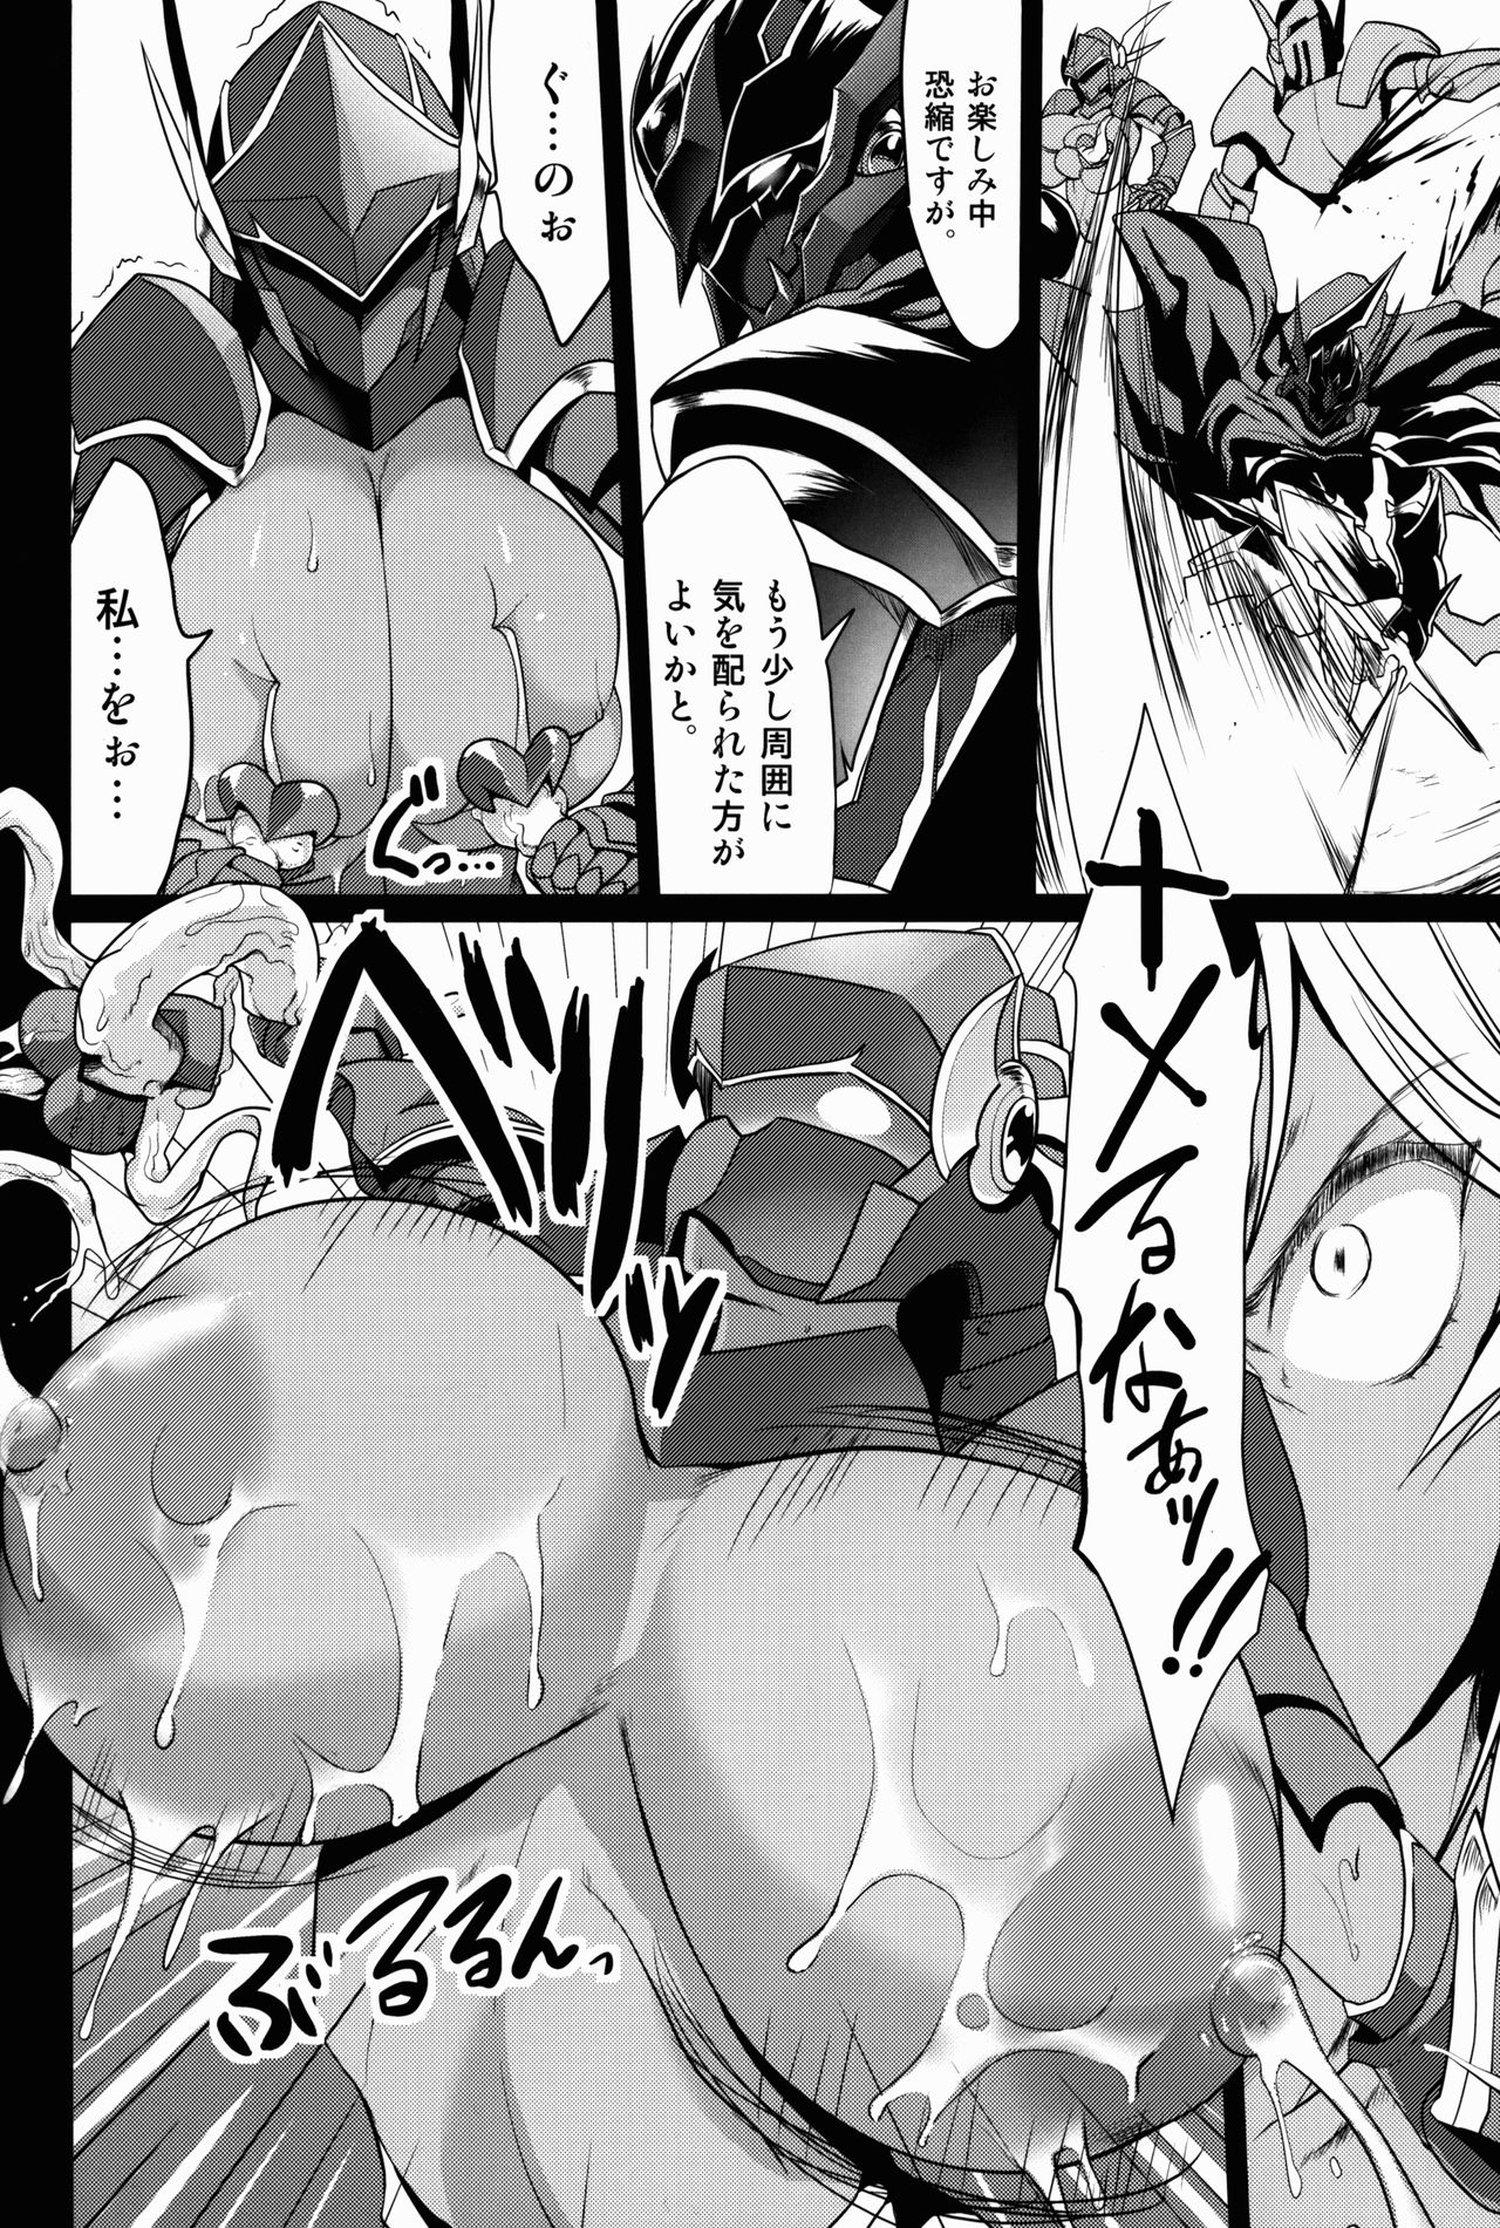 ショタに凌辱される女騎士www爆乳を弄られて母乳を出しまくる!!【エロ漫画・エロ同人】 (21)